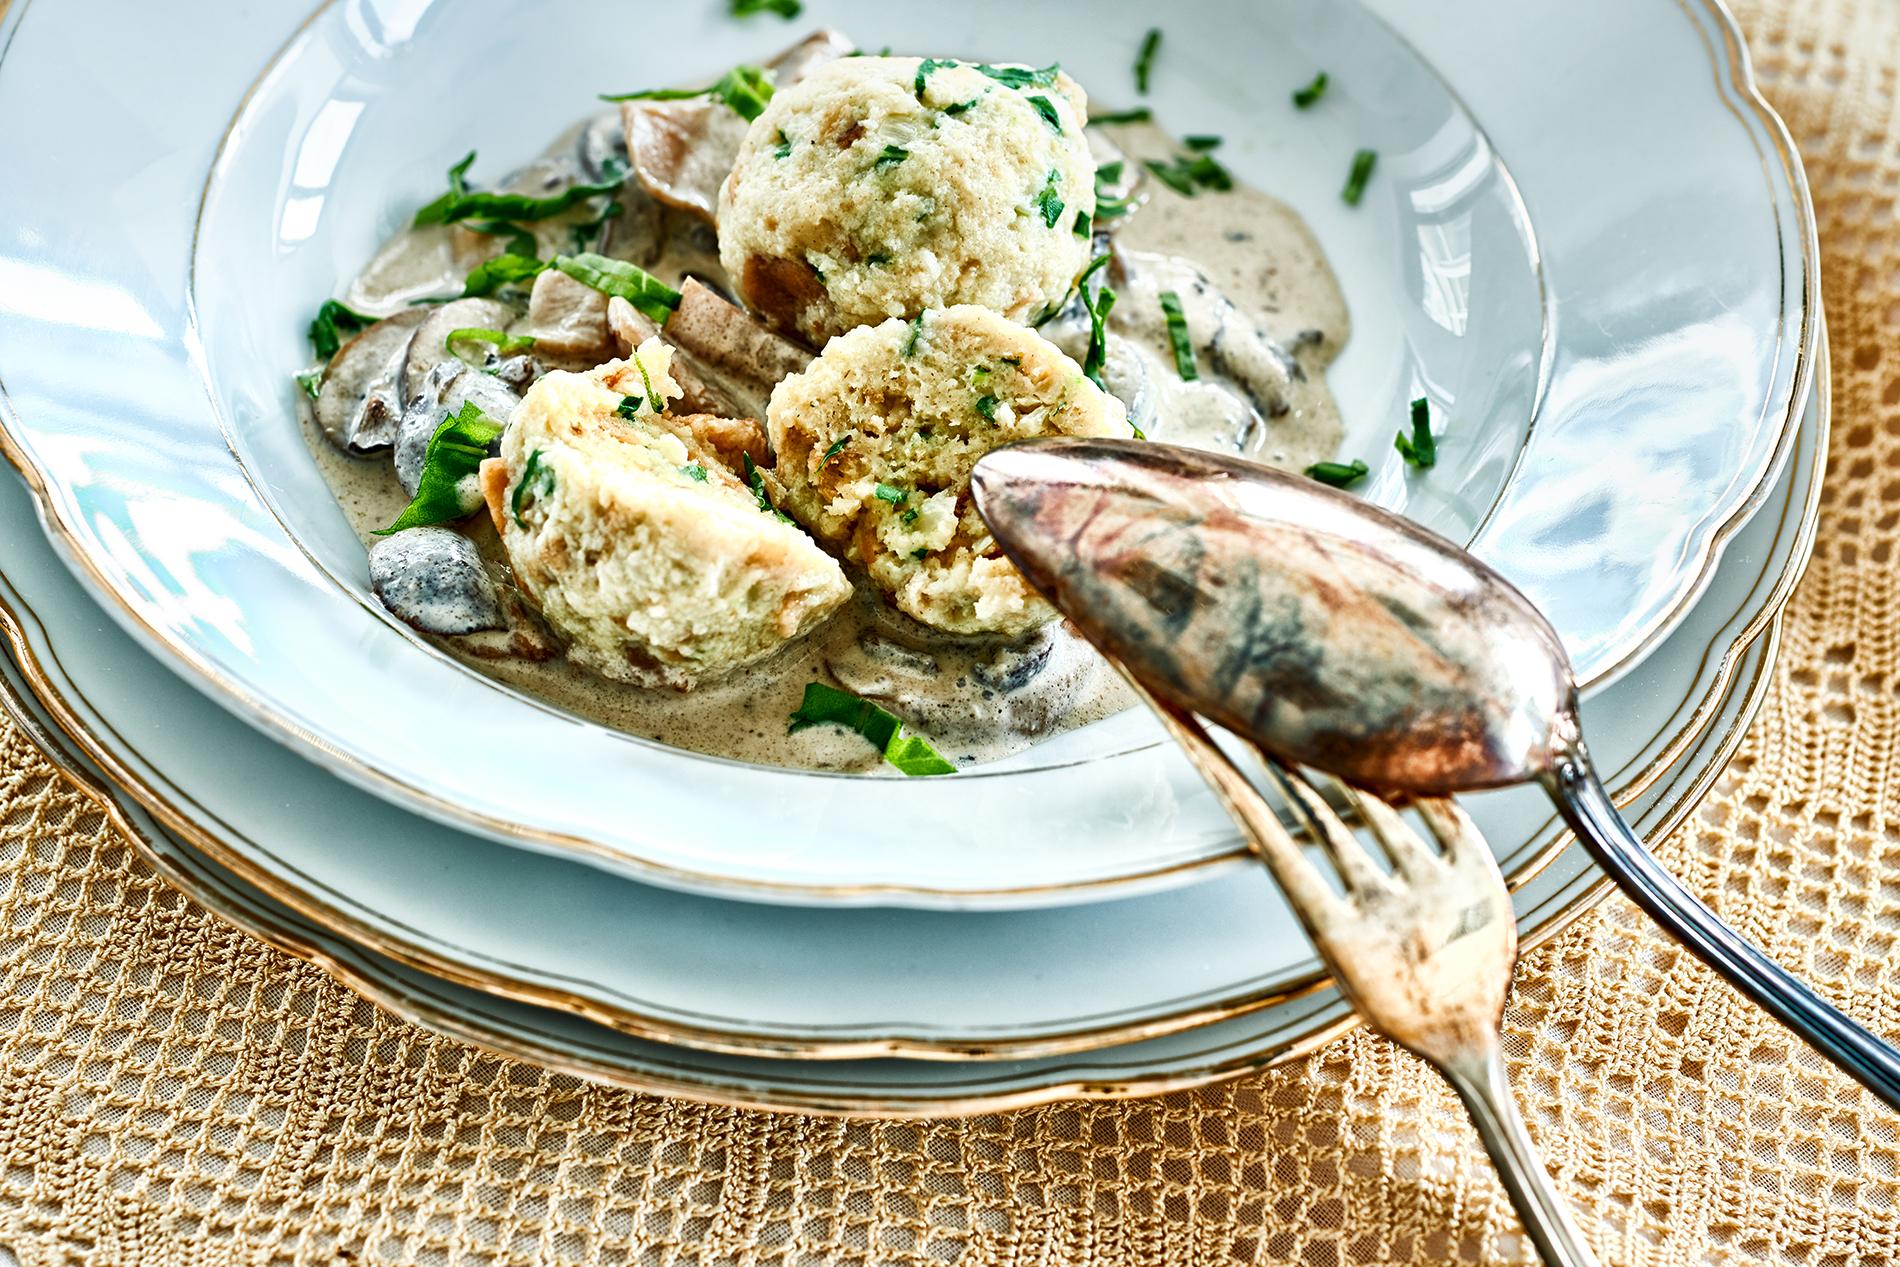 Semmelkloß mit Pilzrahmsoße und Petersilie auf einem weißen Teller mit Besteck